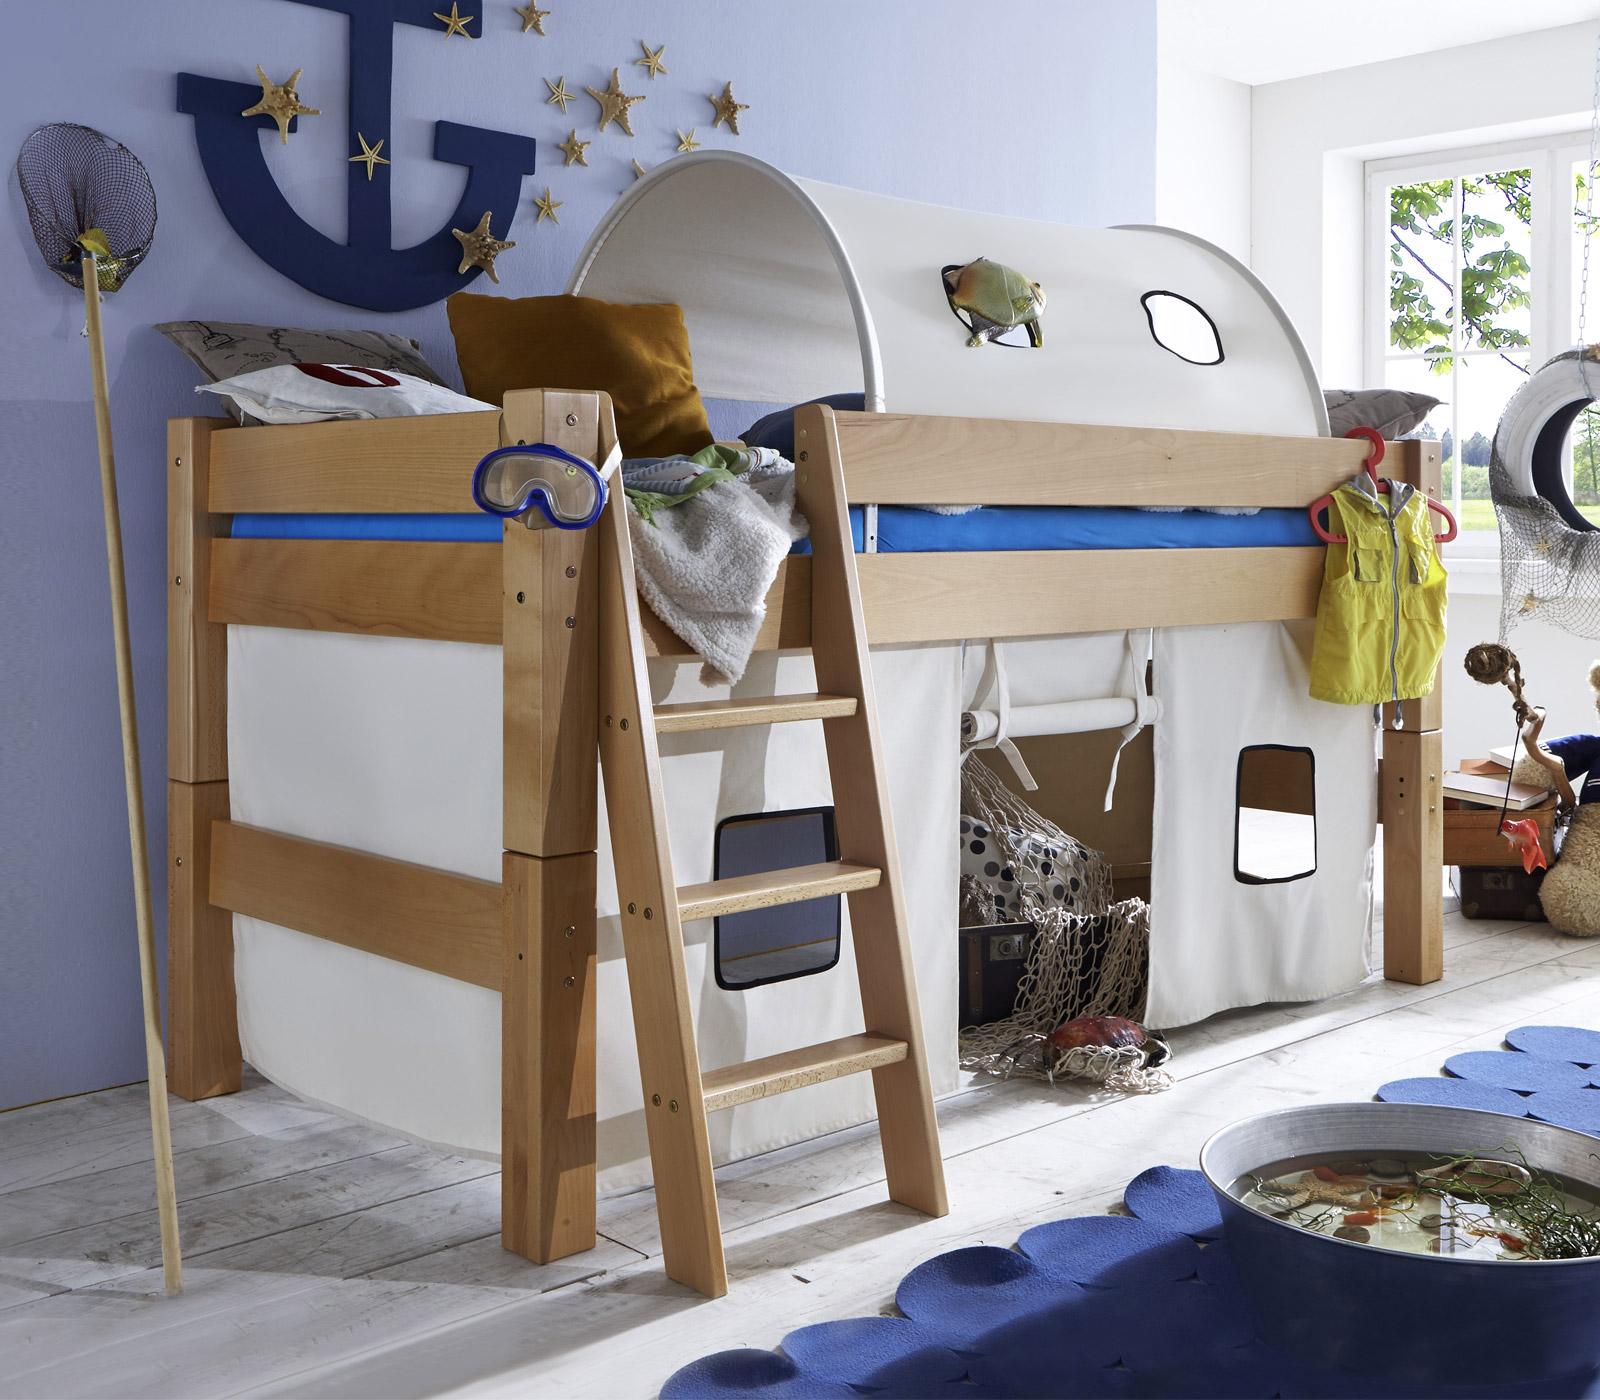 Kinderhochbett für zwei  Stabile Hochbetten für Kleinkinder im Kinderzimmer | BETTEN.de